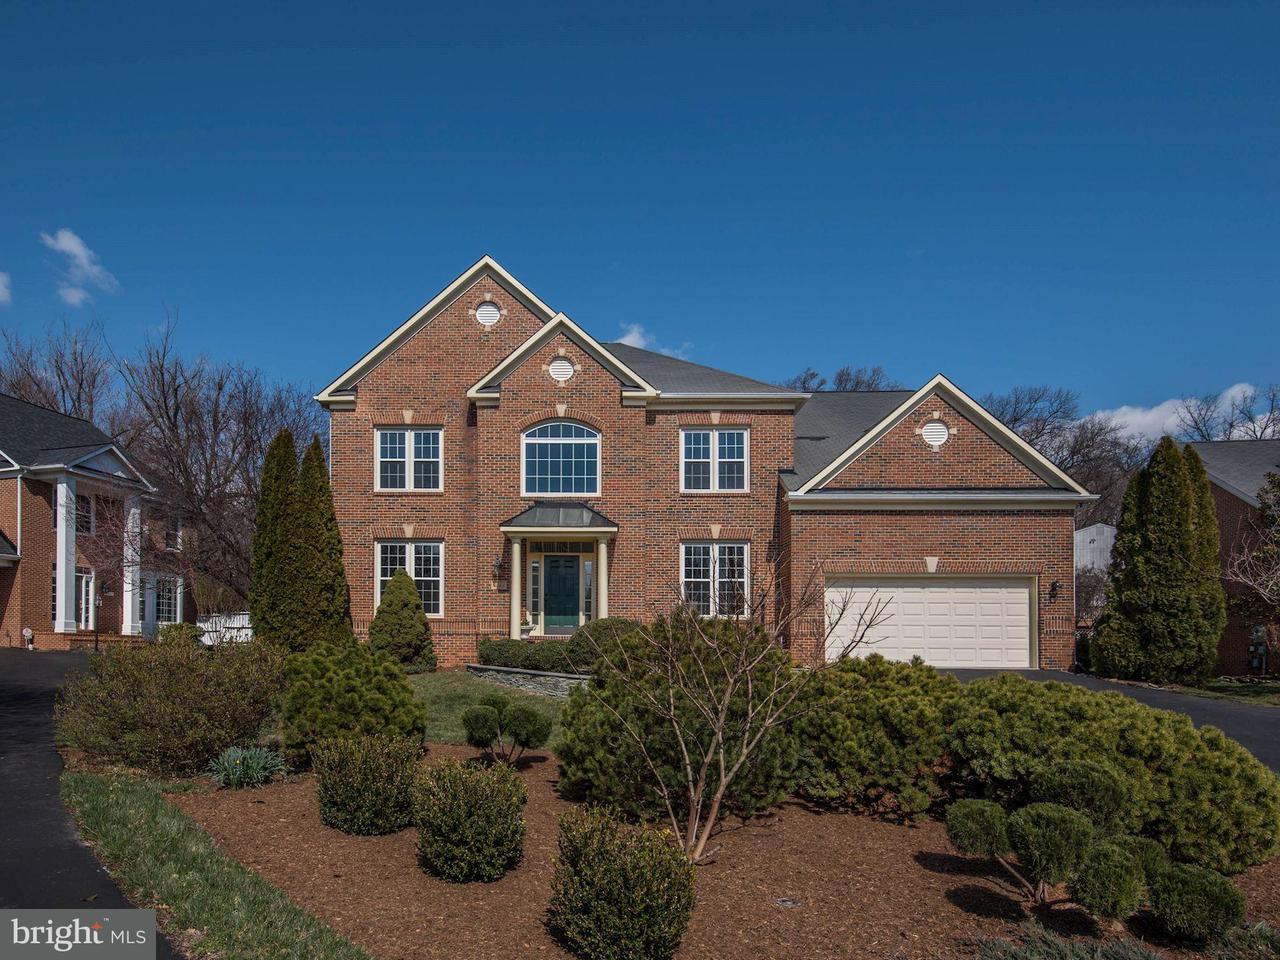 獨棟家庭住宅 為 出售 在 8042 Park Street 8042 Park Street Dunn Loring, 弗吉尼亞州 22027 美國